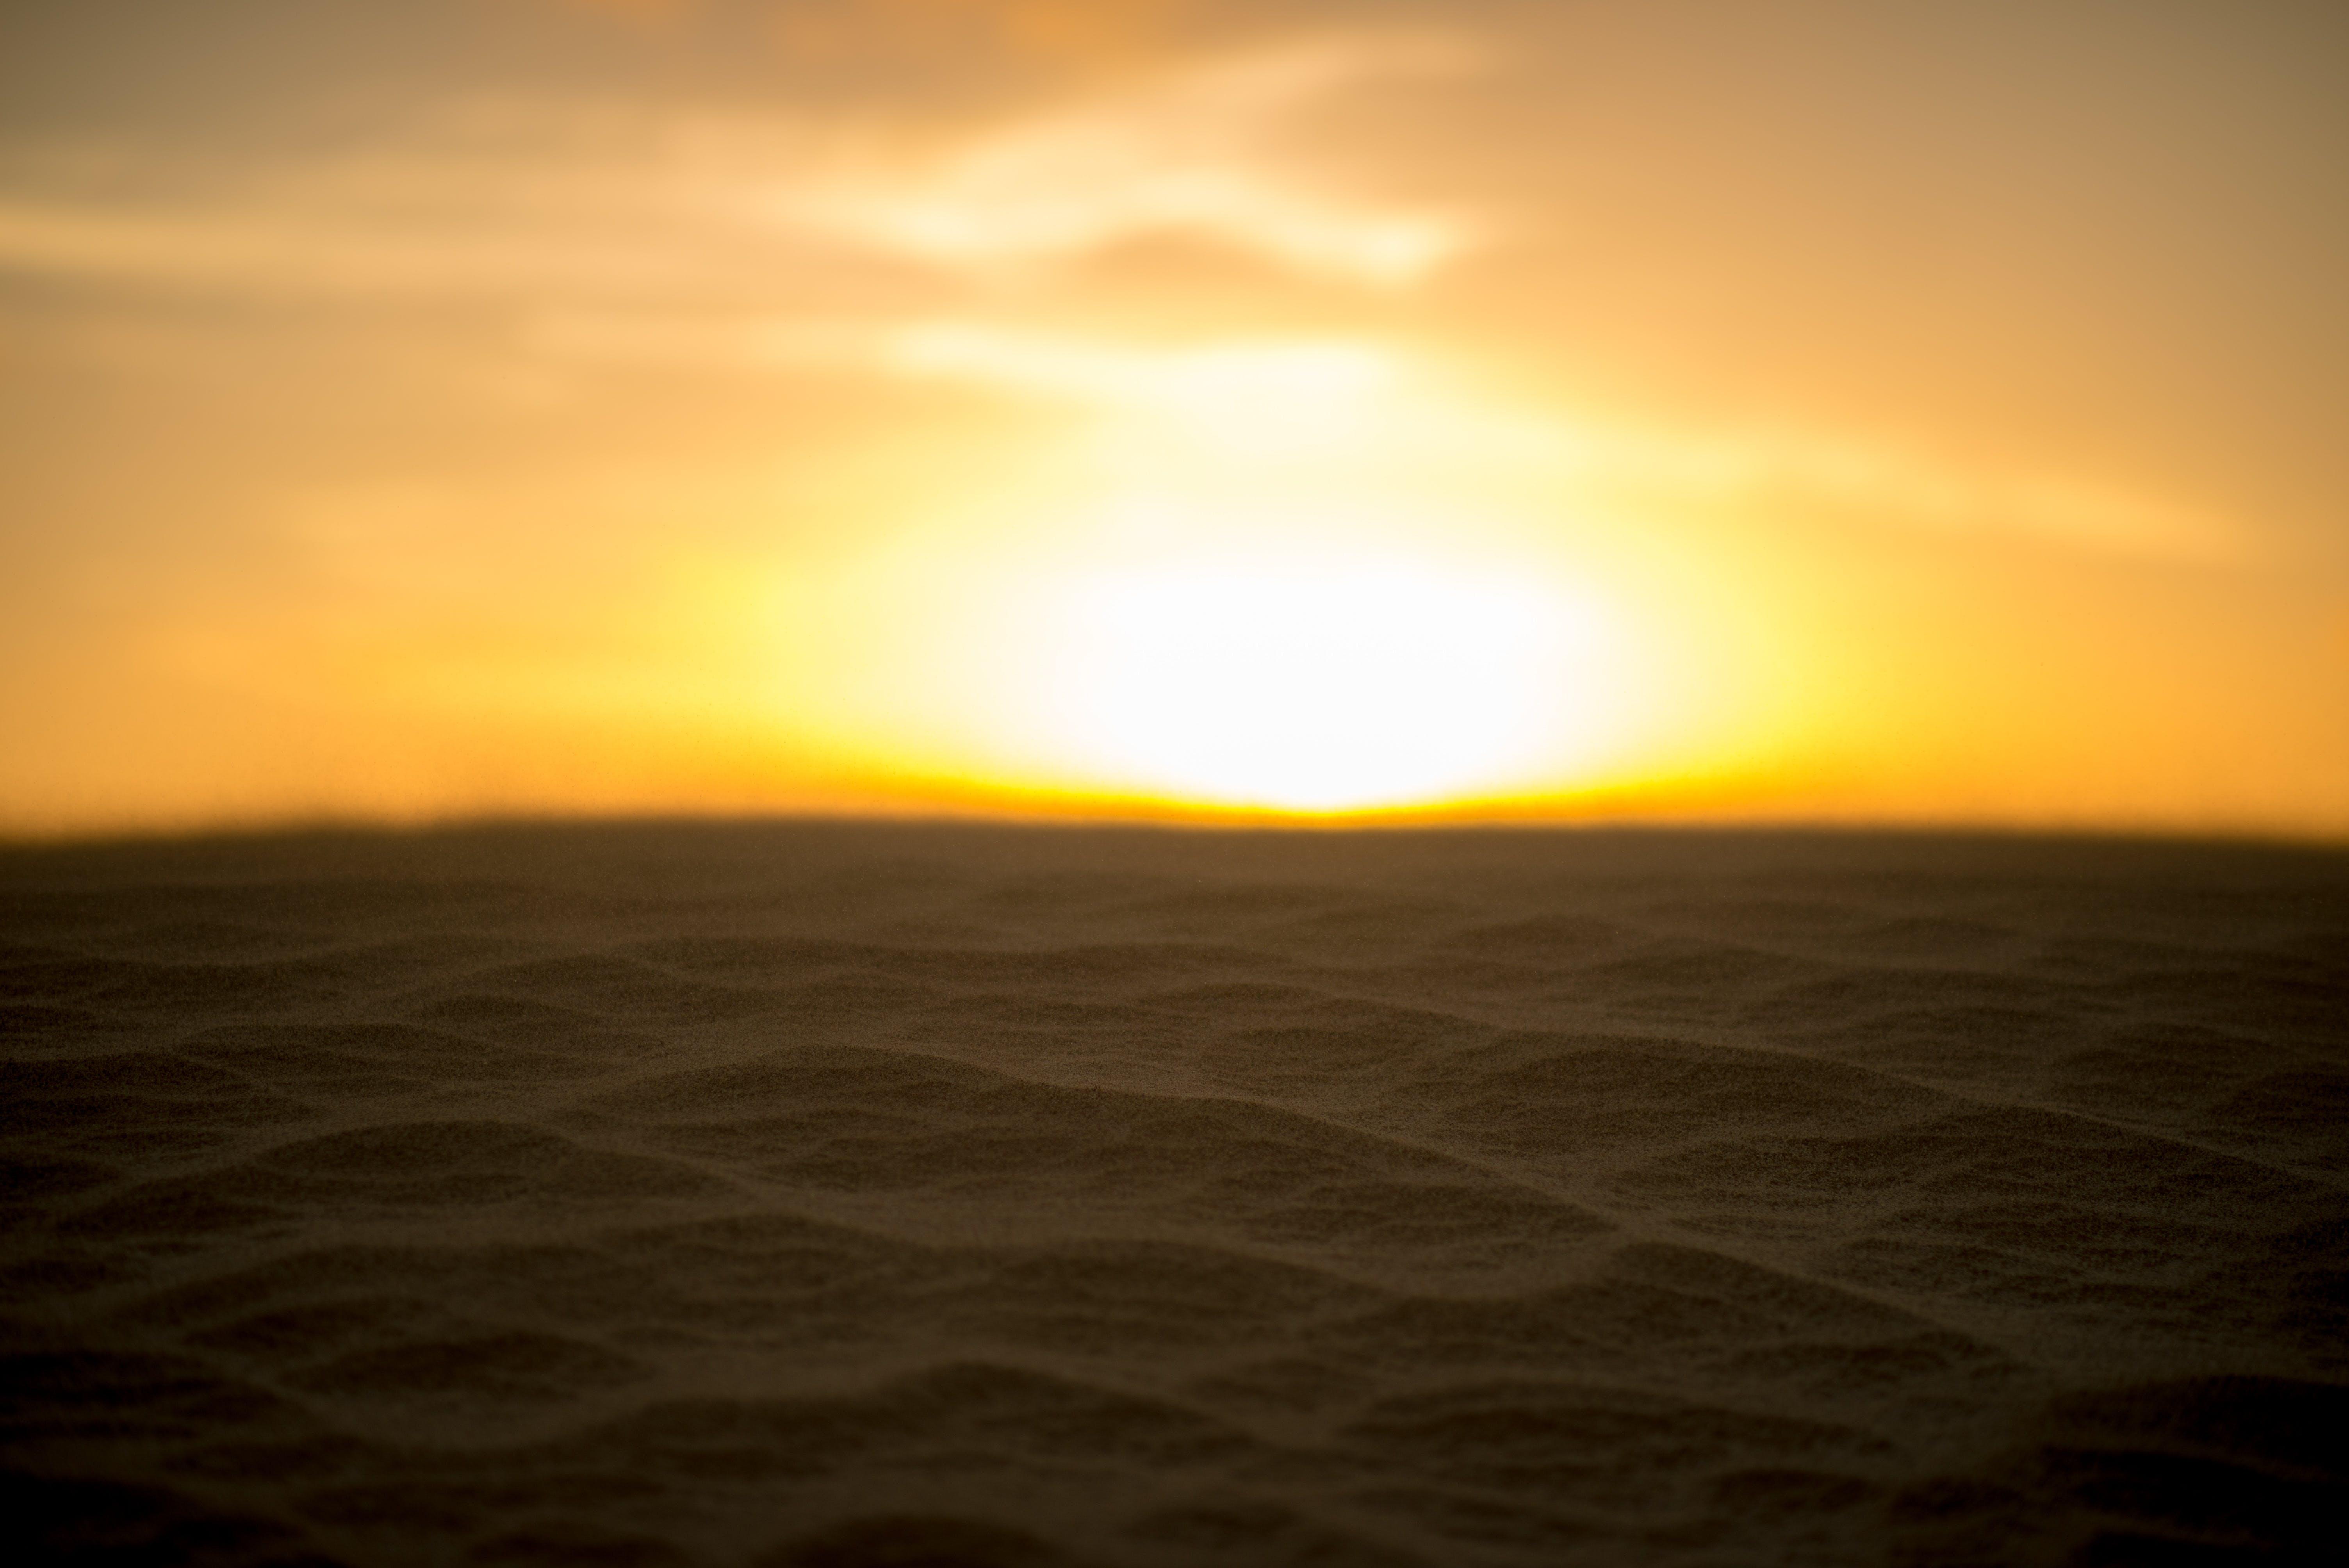 Free stock photo of sunset, sand, sun